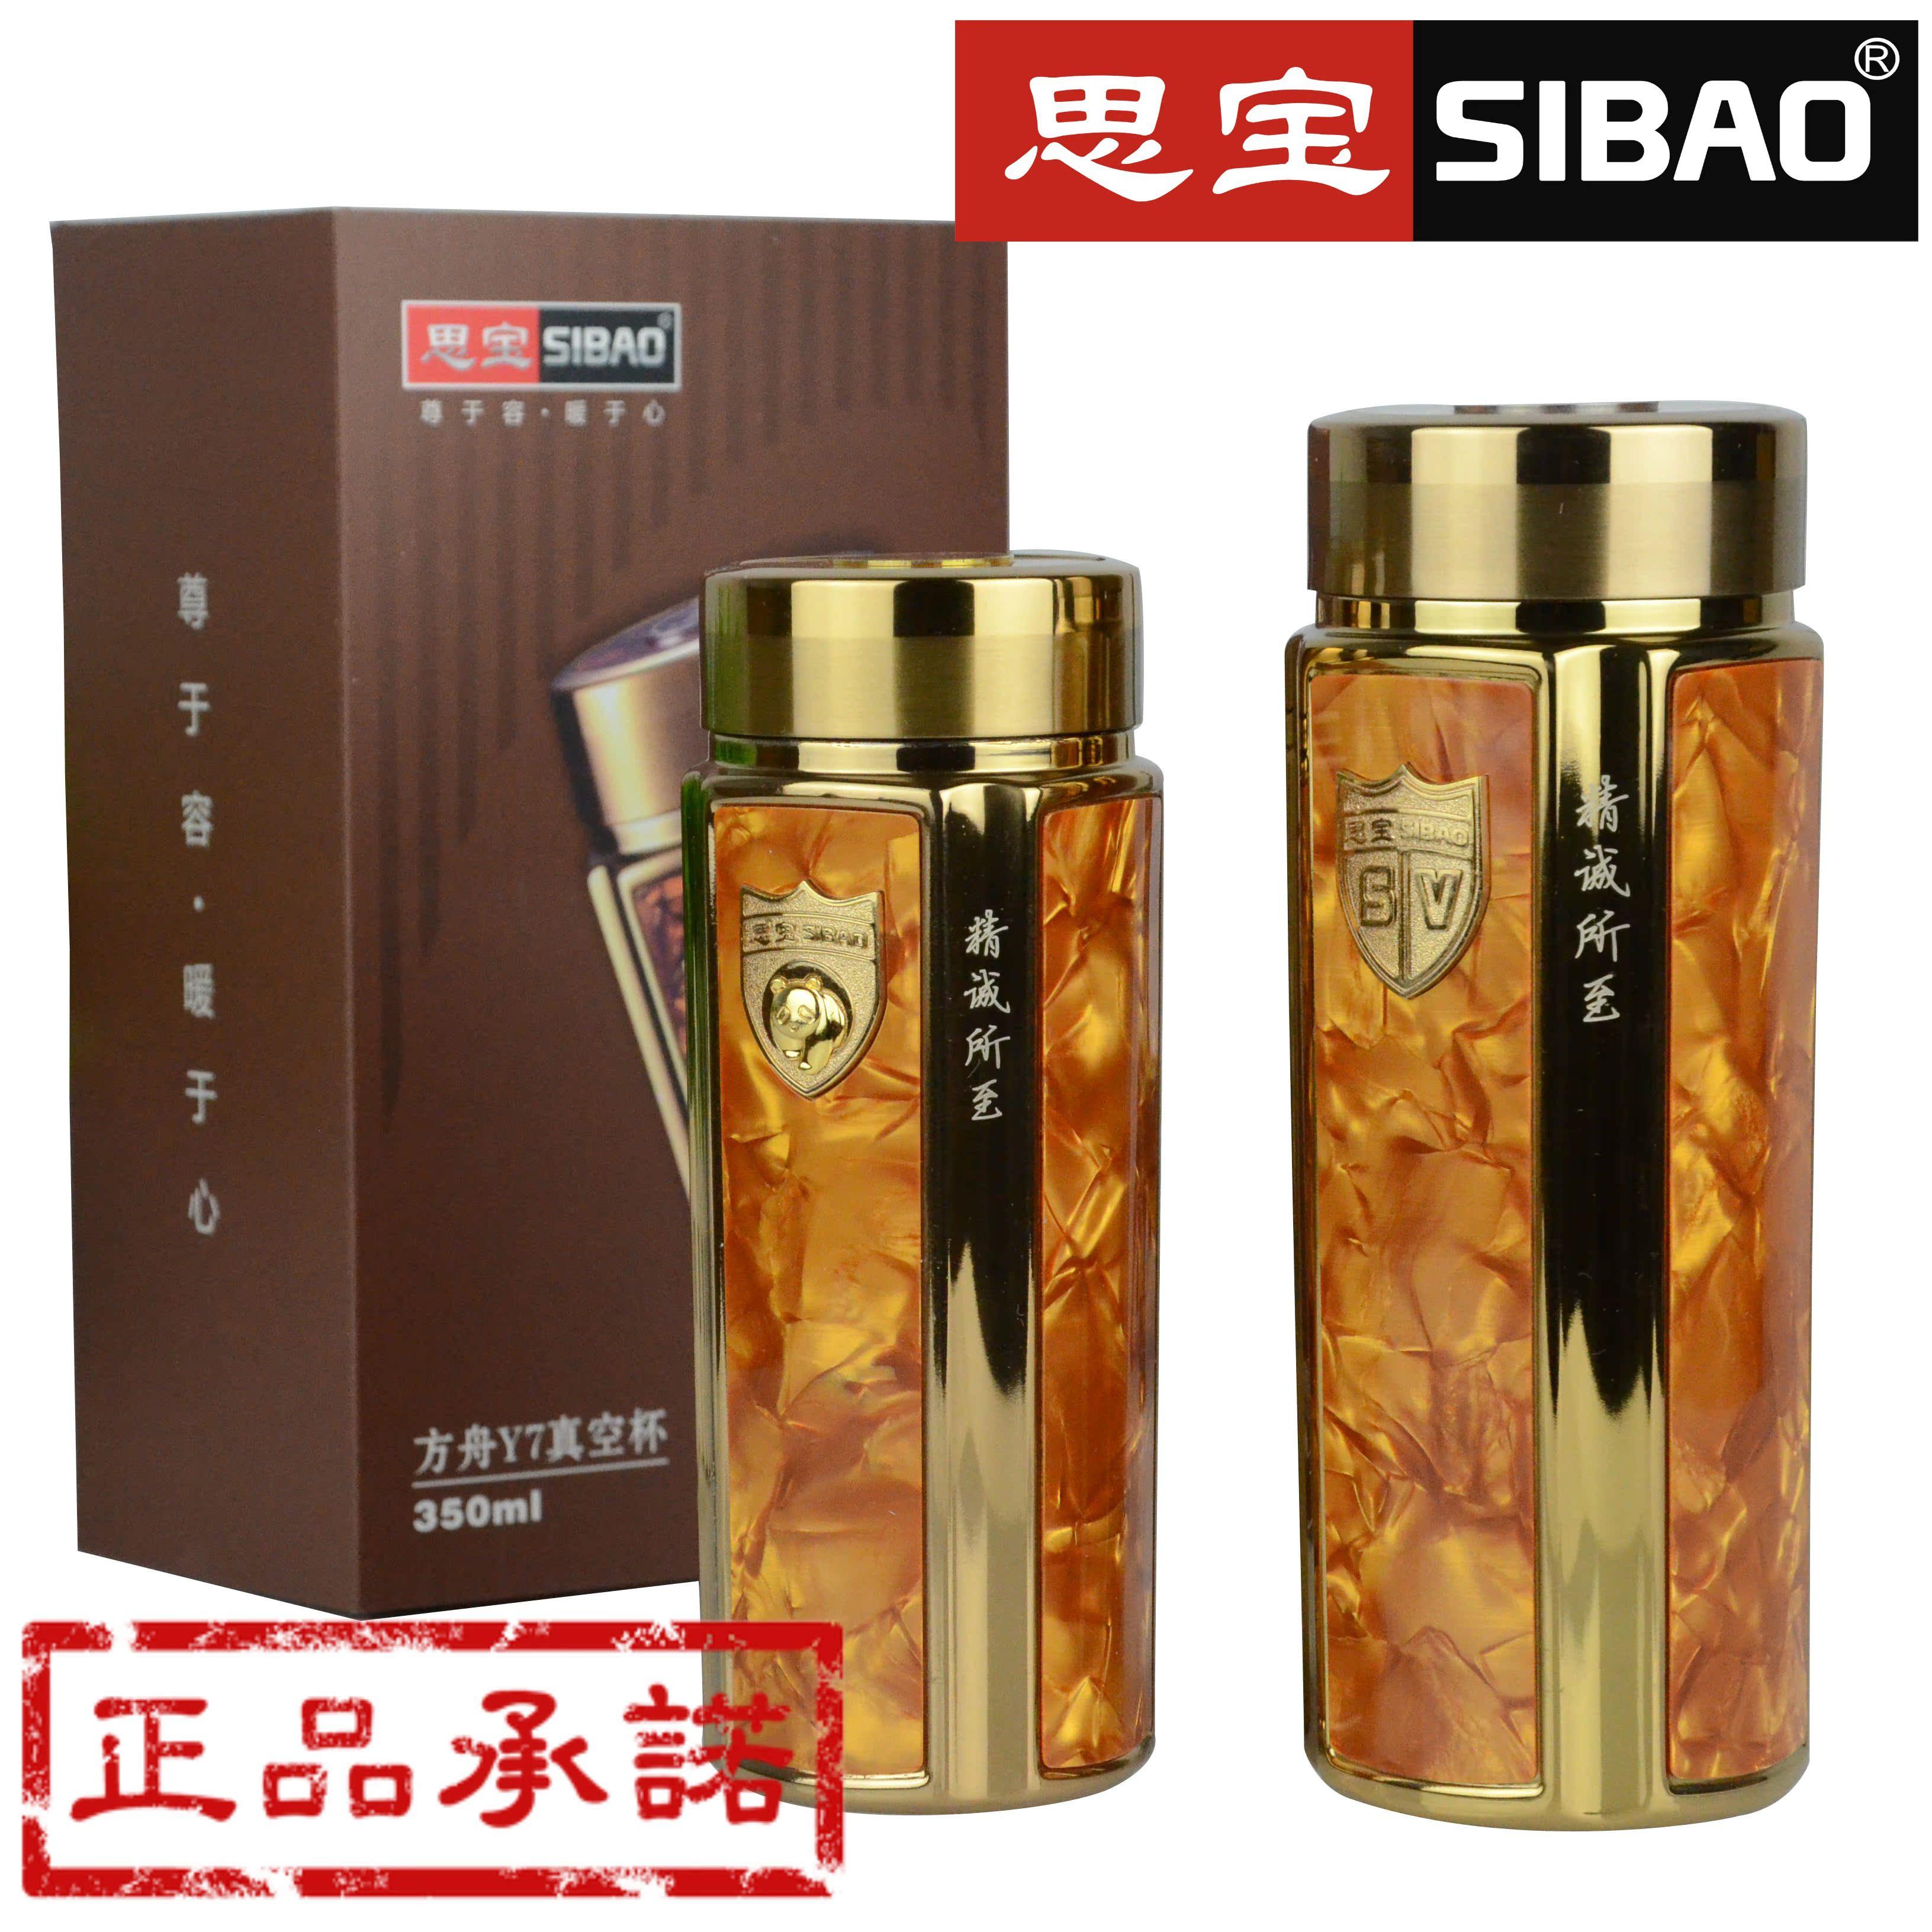 Термос/термочашка Si Bao Y6Y7 паяльник bao workers in taiwan pd 372 25mm